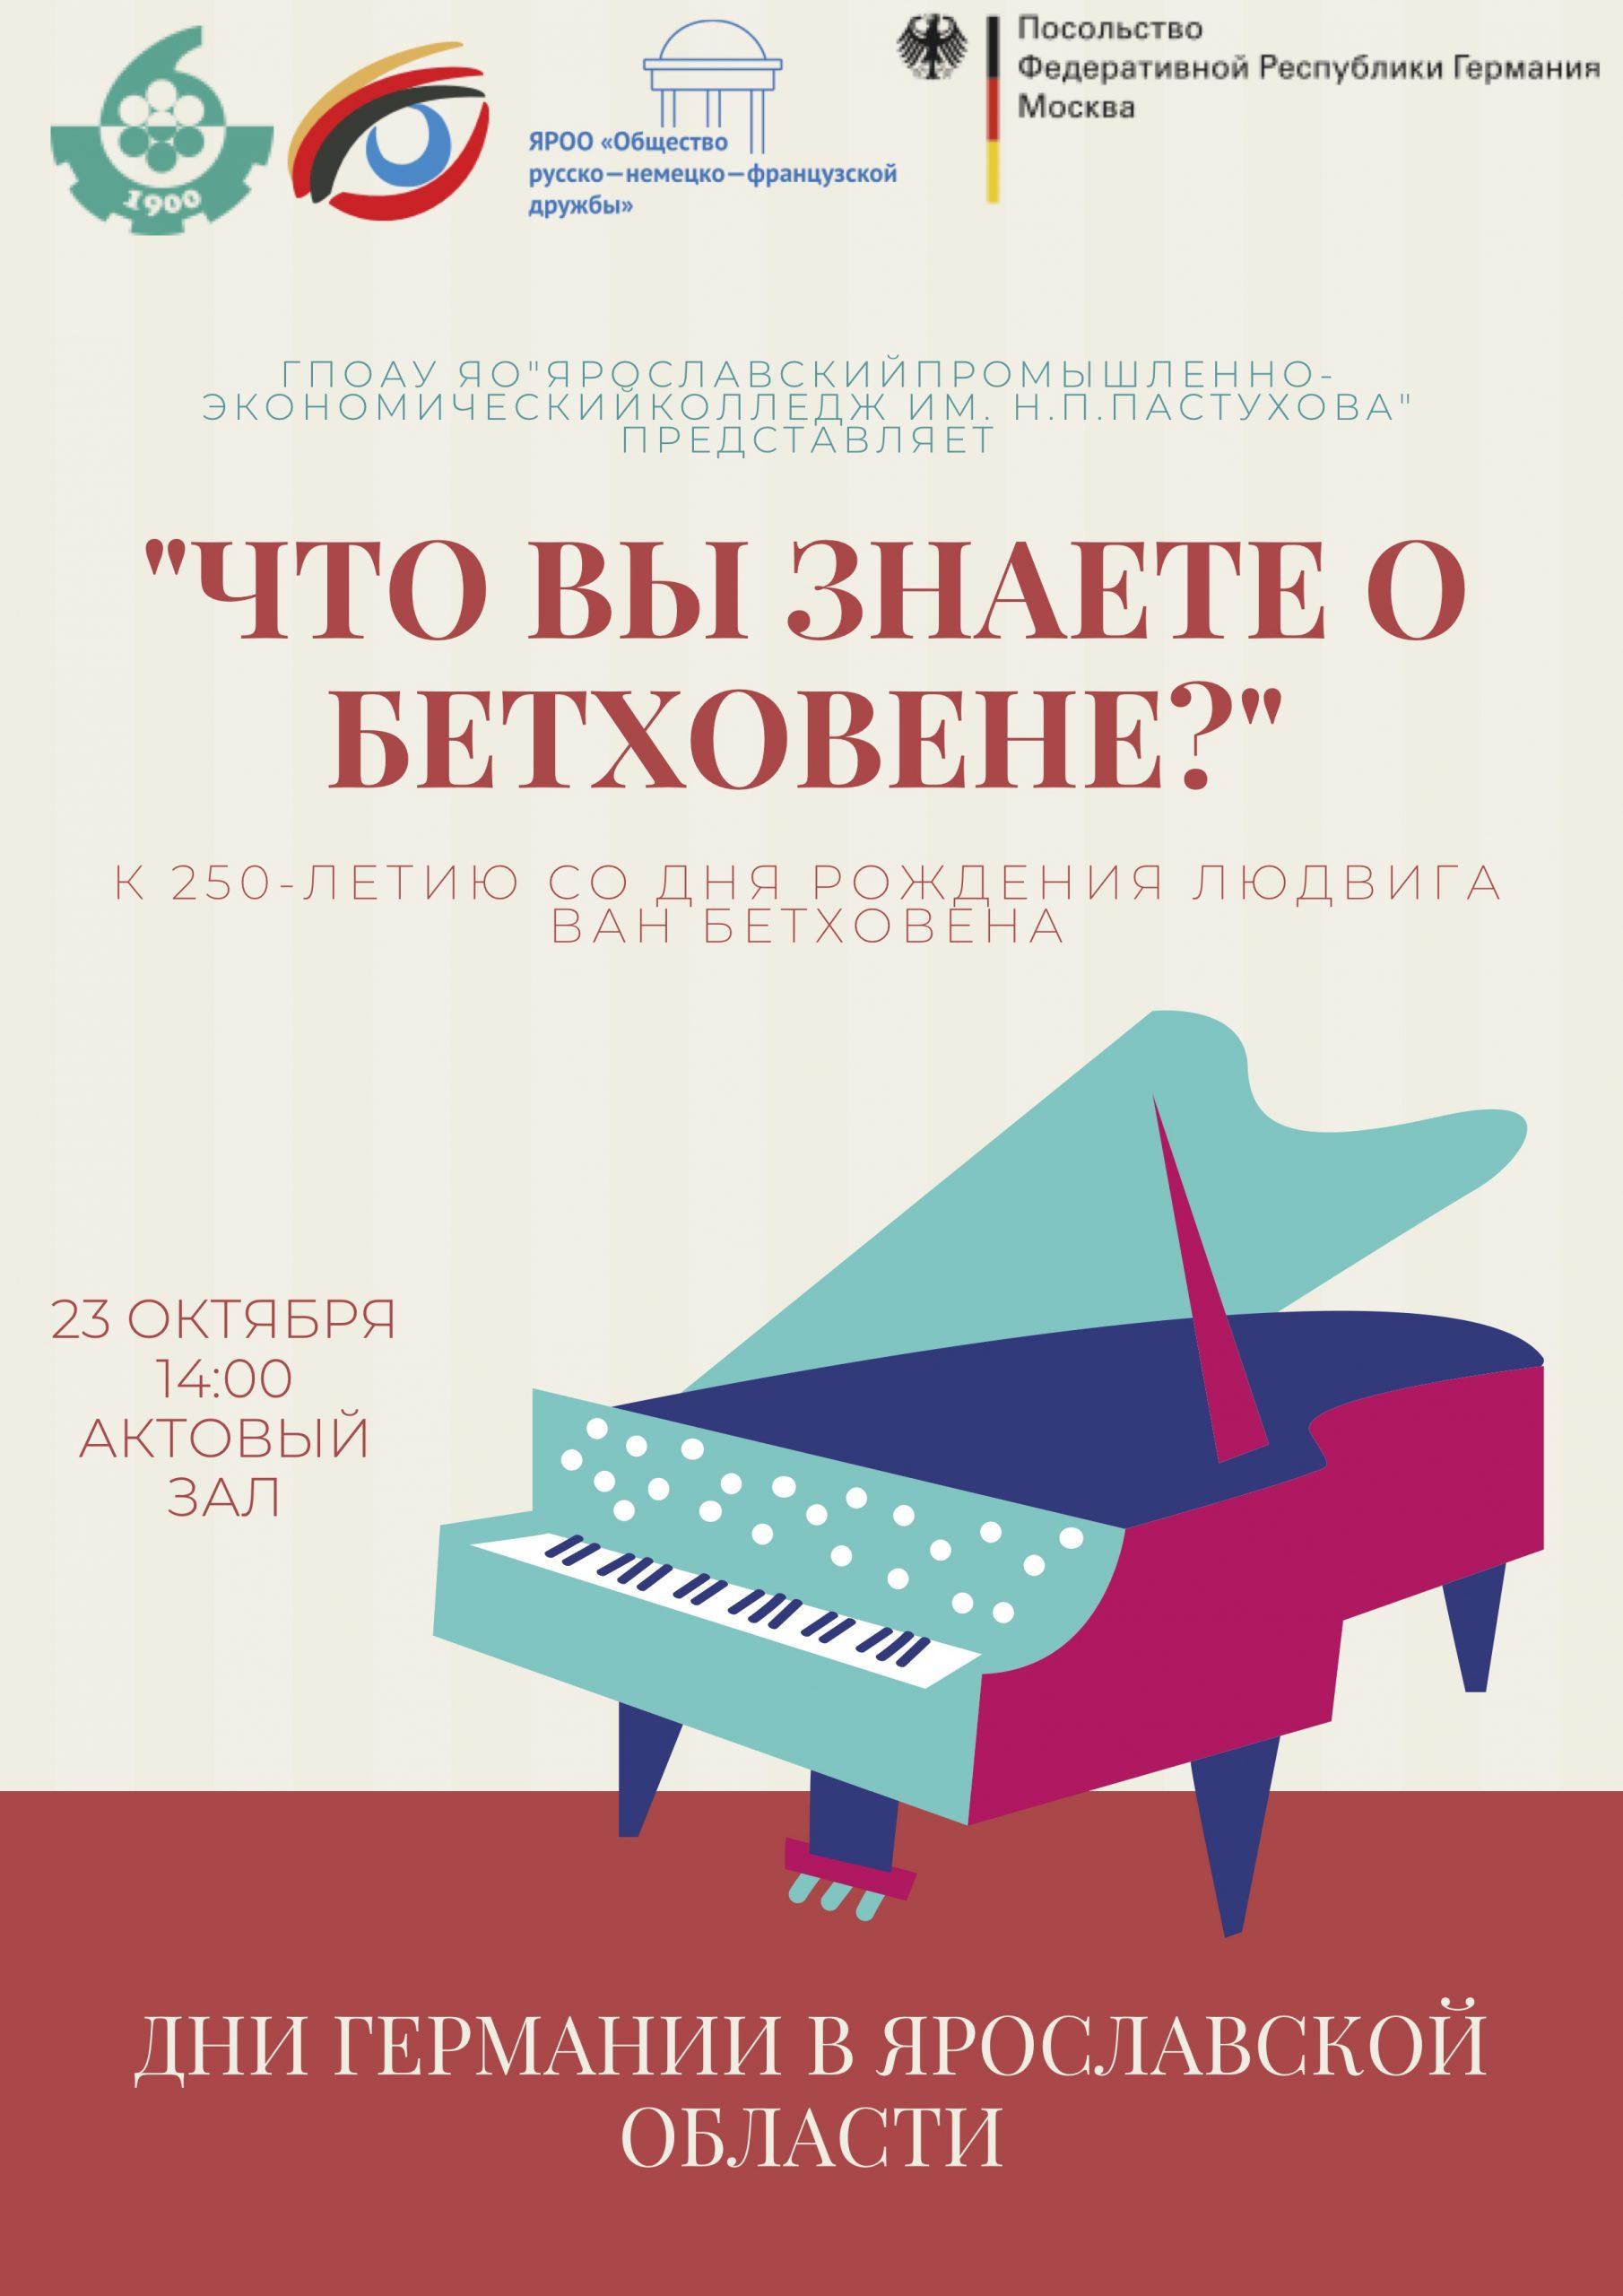 23 октября — Викторина «Что вы знаете о Бетховене?»